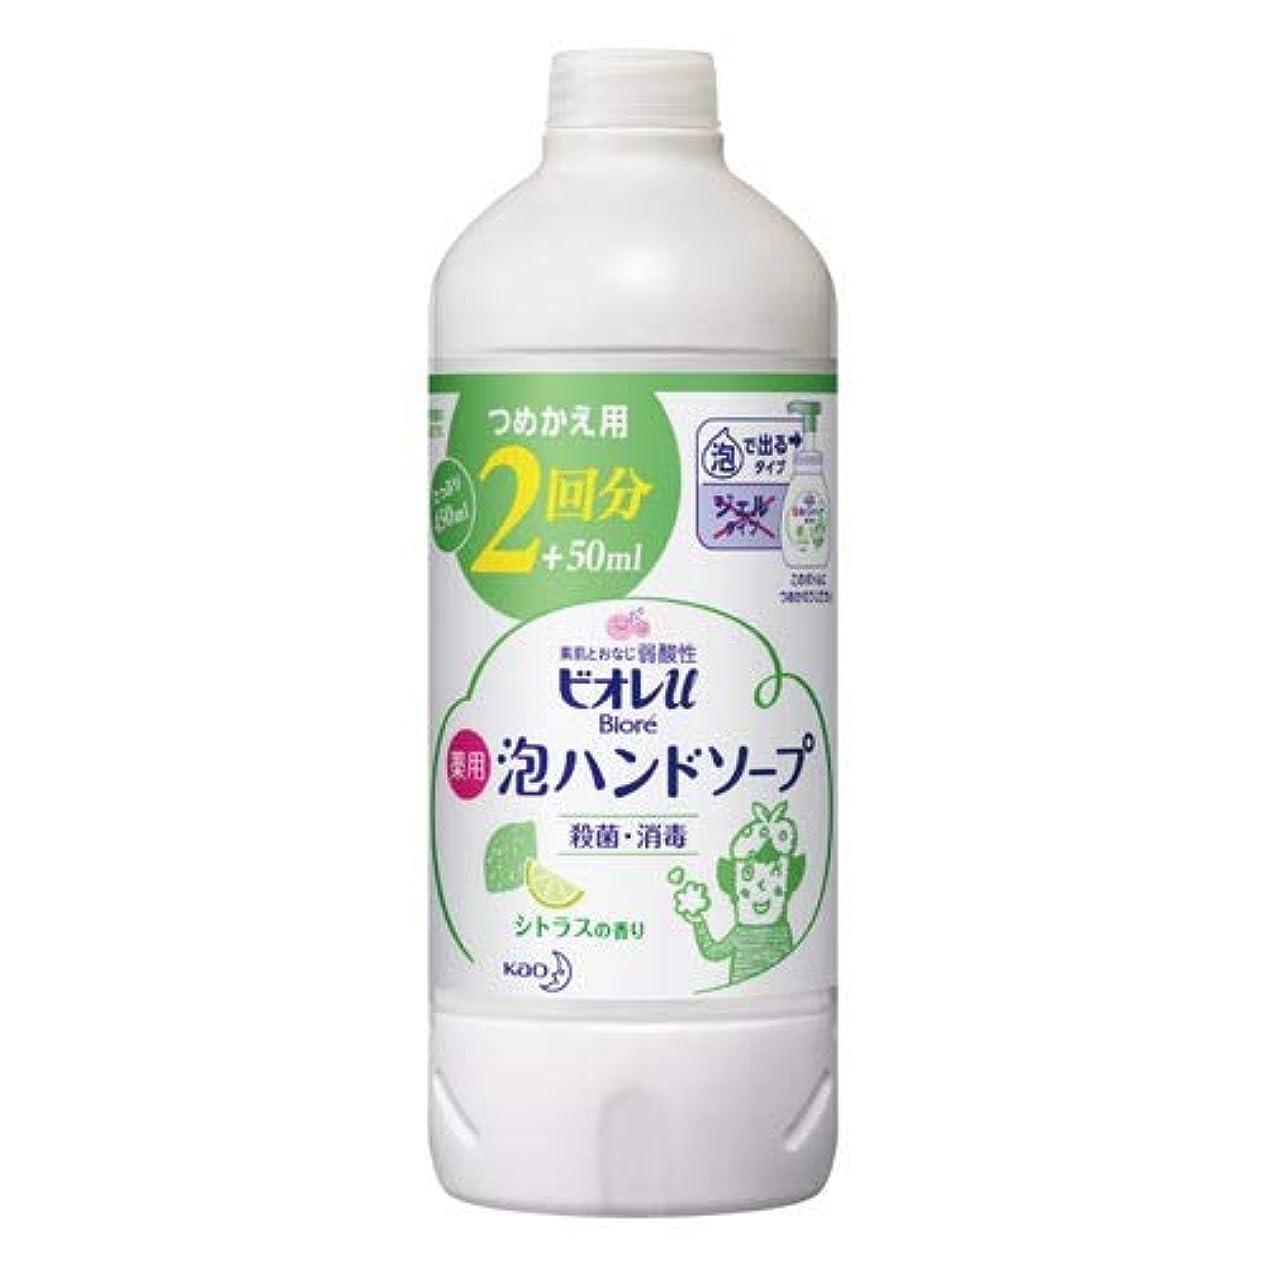 フォーマルモードリン溶ける【花王】ビオレU 泡ハンドソープ シトラスの香り <詰替> 450ml ×5個セット